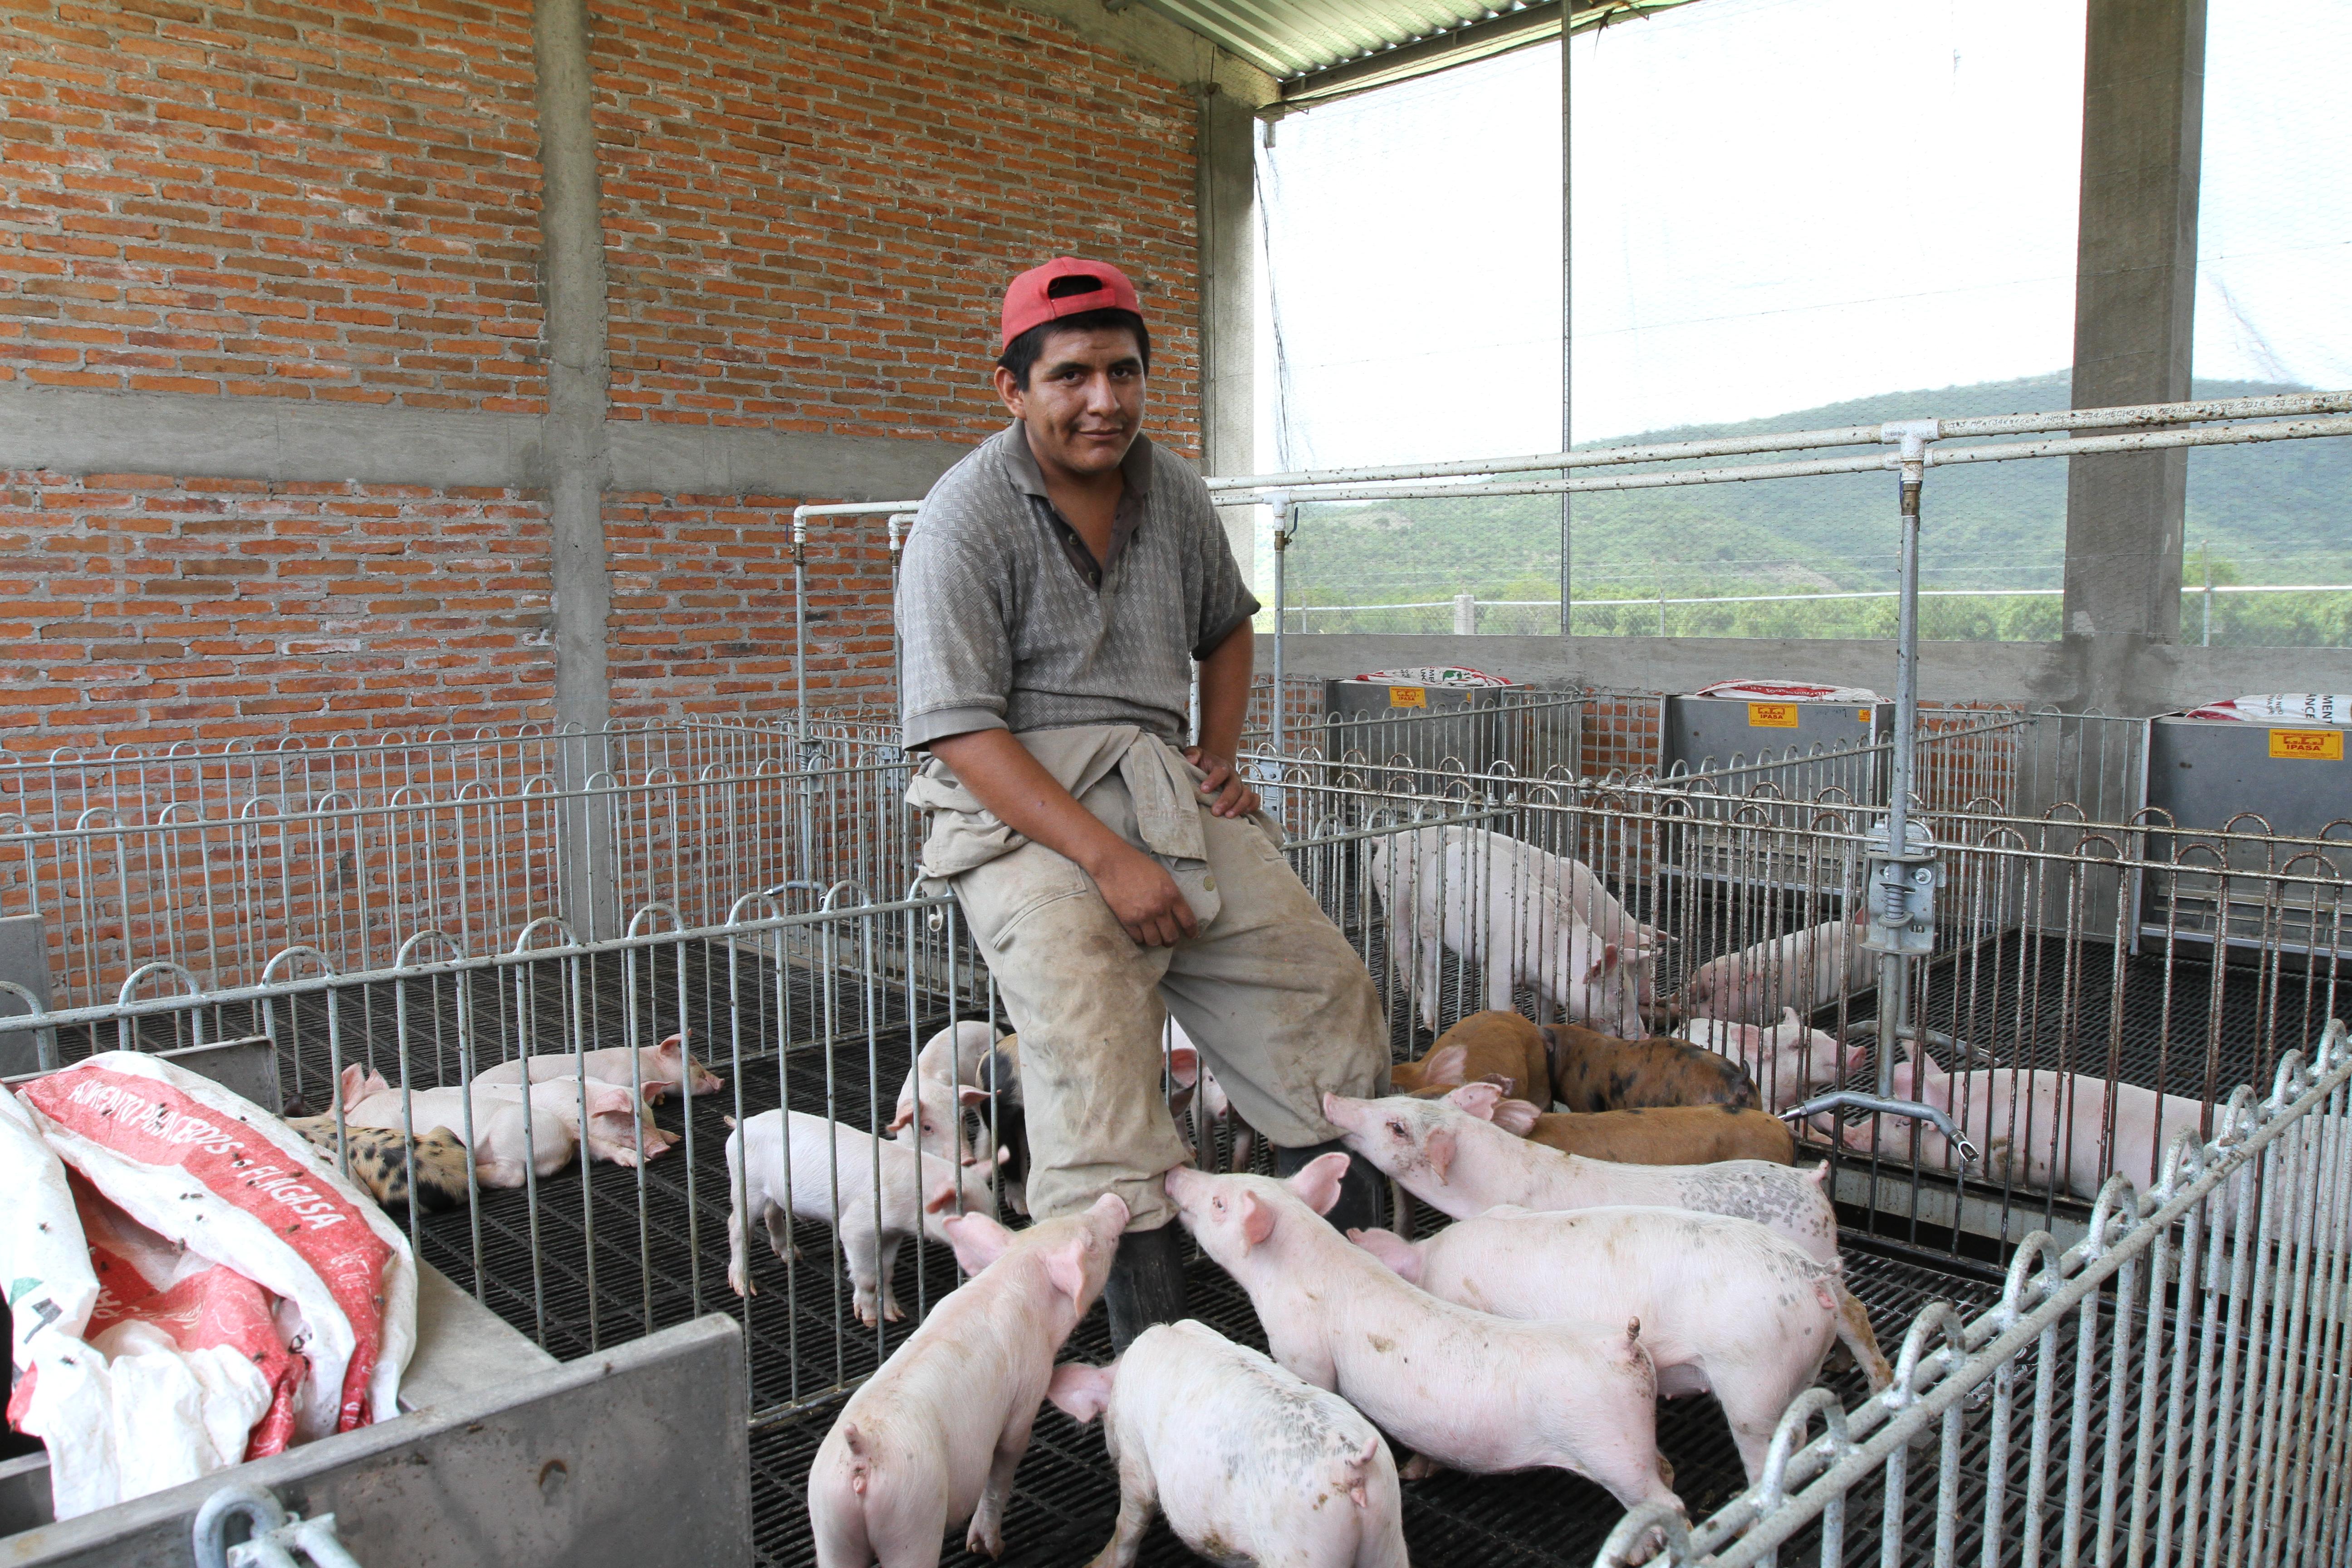 En la imagen, un joven del estado de Guerrero cuida a los cerdos de su granja porcina luego de que fuera beneficiado por el Programa  de Apoyo a Jóvenes Emprendedores Agrarios de la SEDATU.